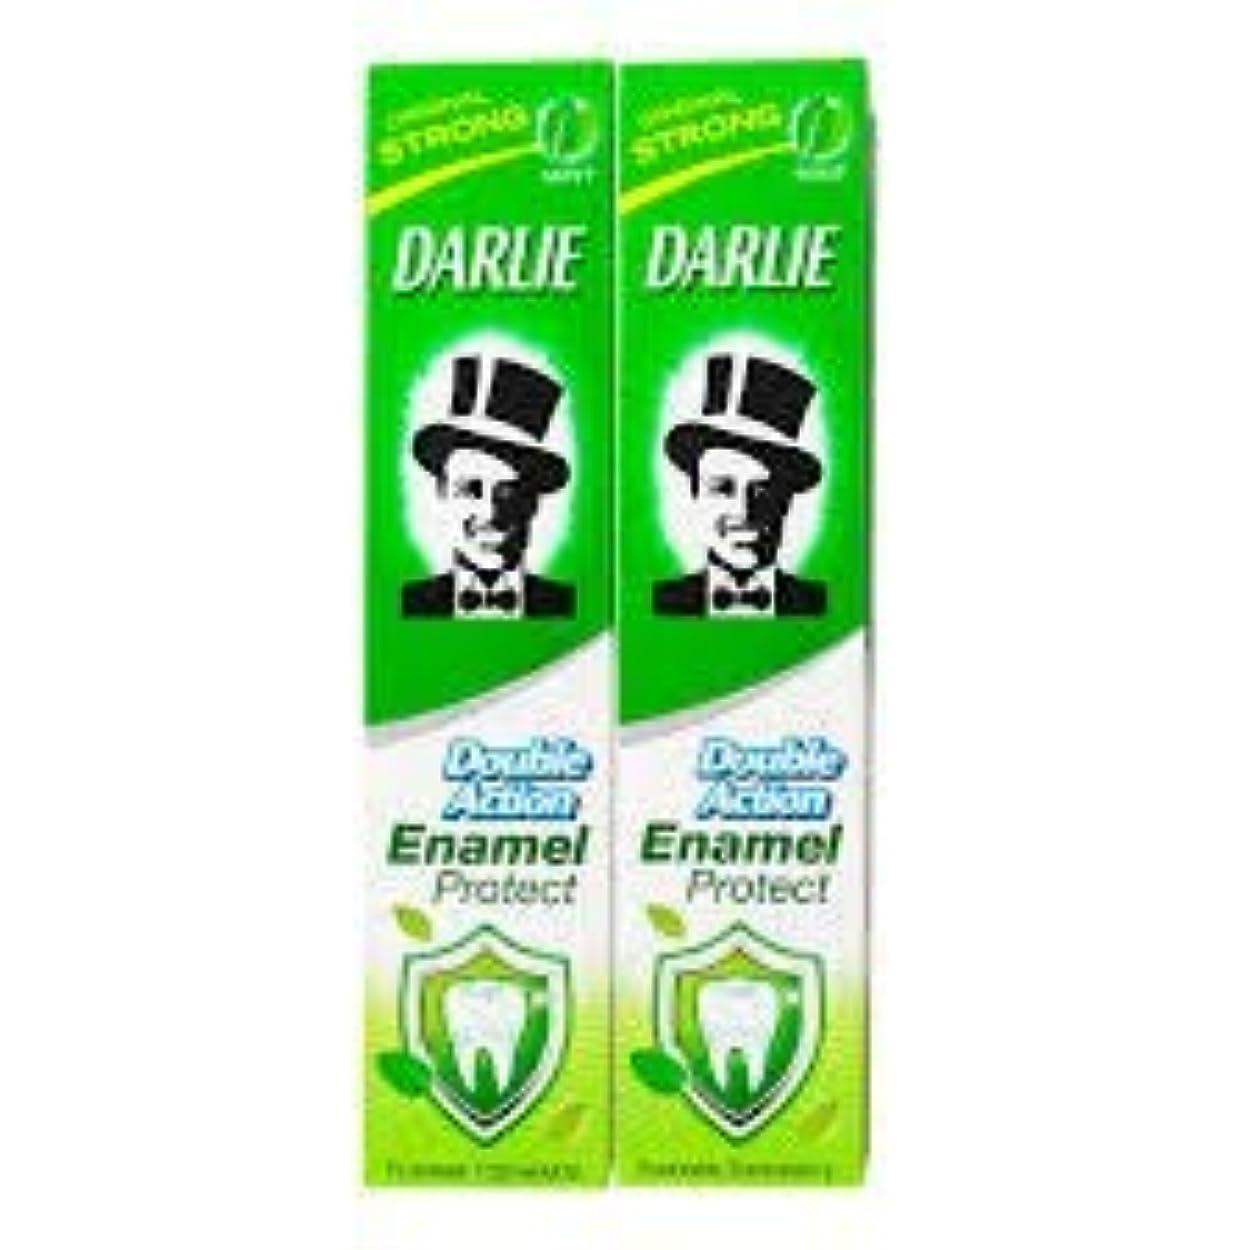 クリーク上反対するDARLIE 歯磨き粉歯磨き粉二重の役割、保護エナメル強いミント2×220ケ - あなたの歯を強化し、防御の最前線